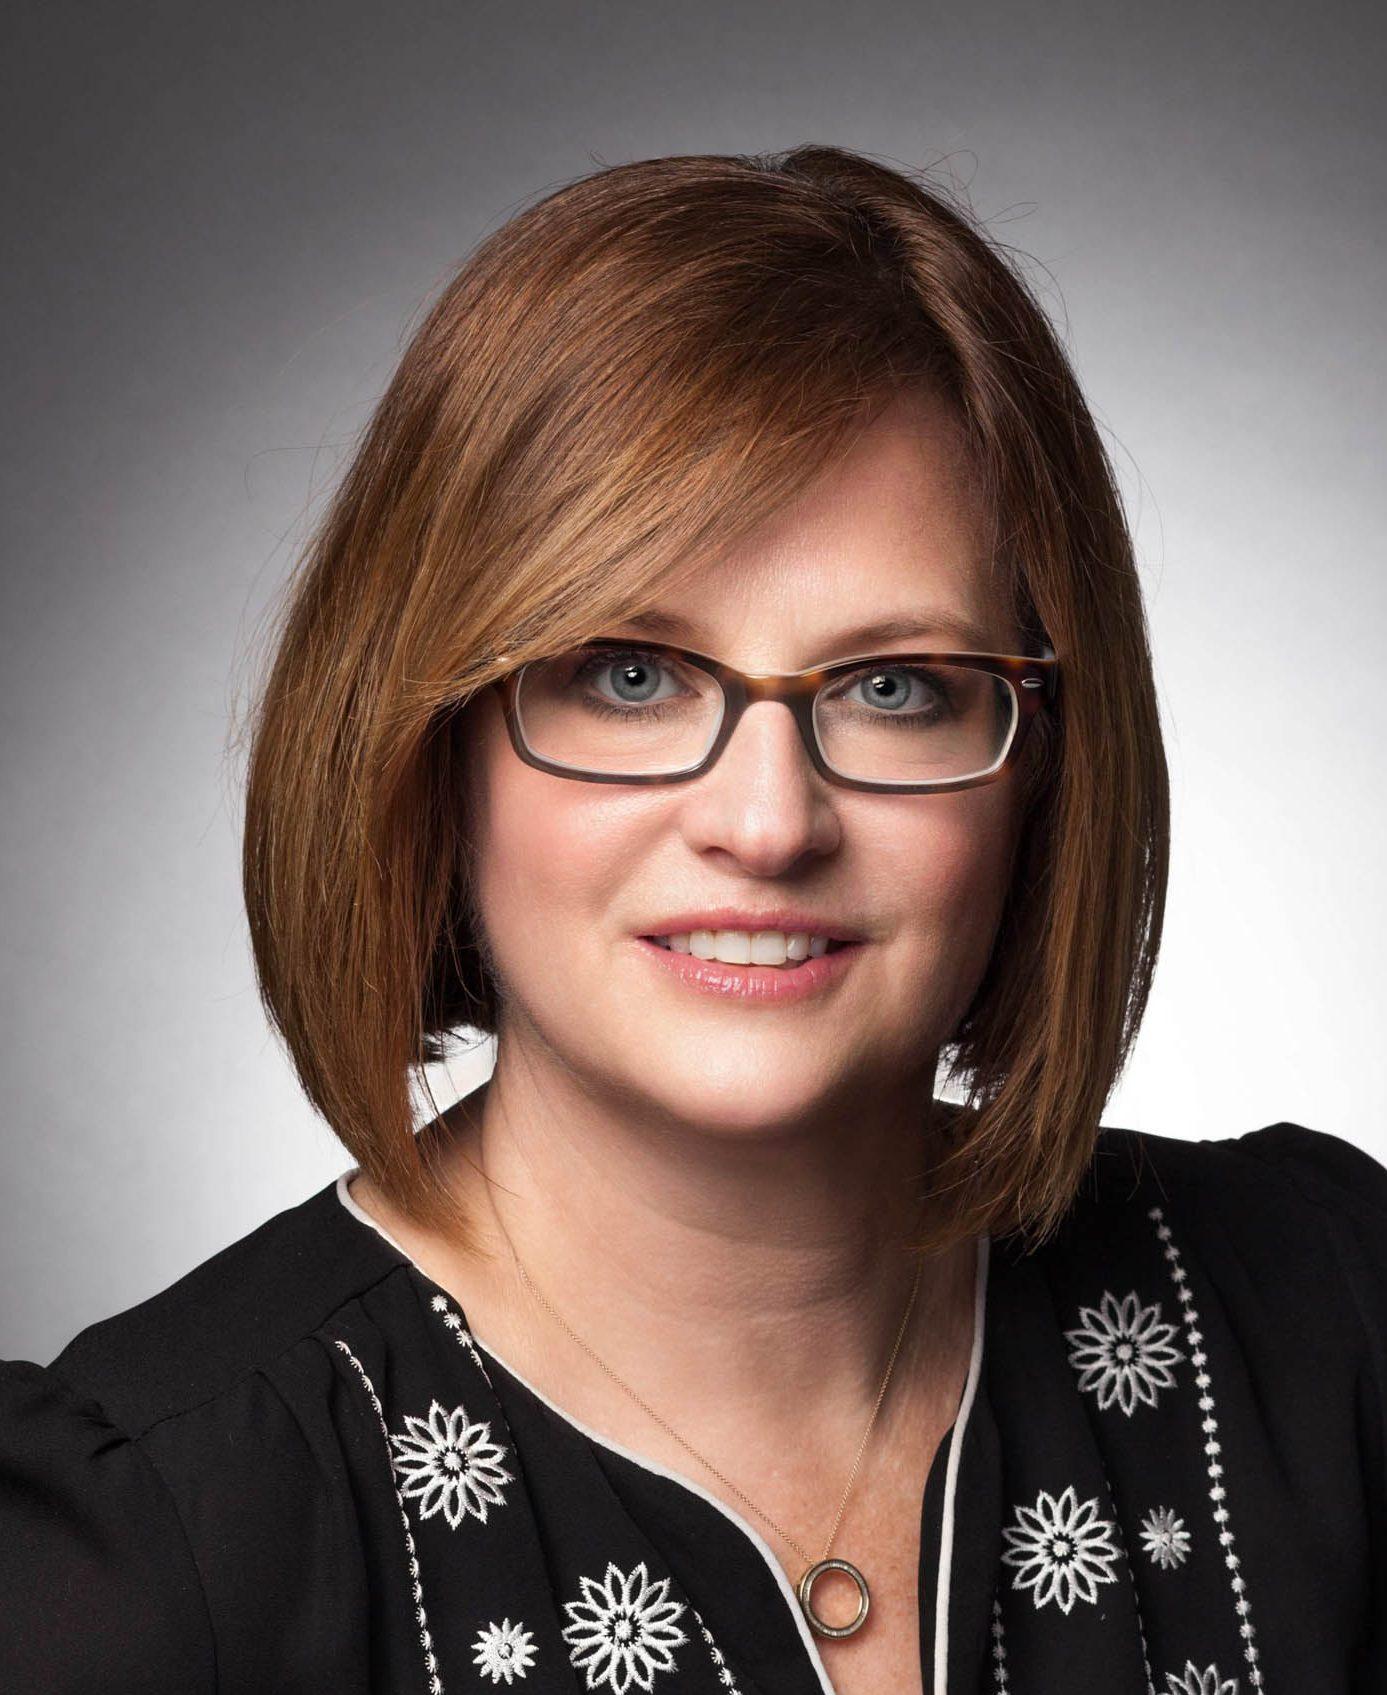 Susan Huizinga